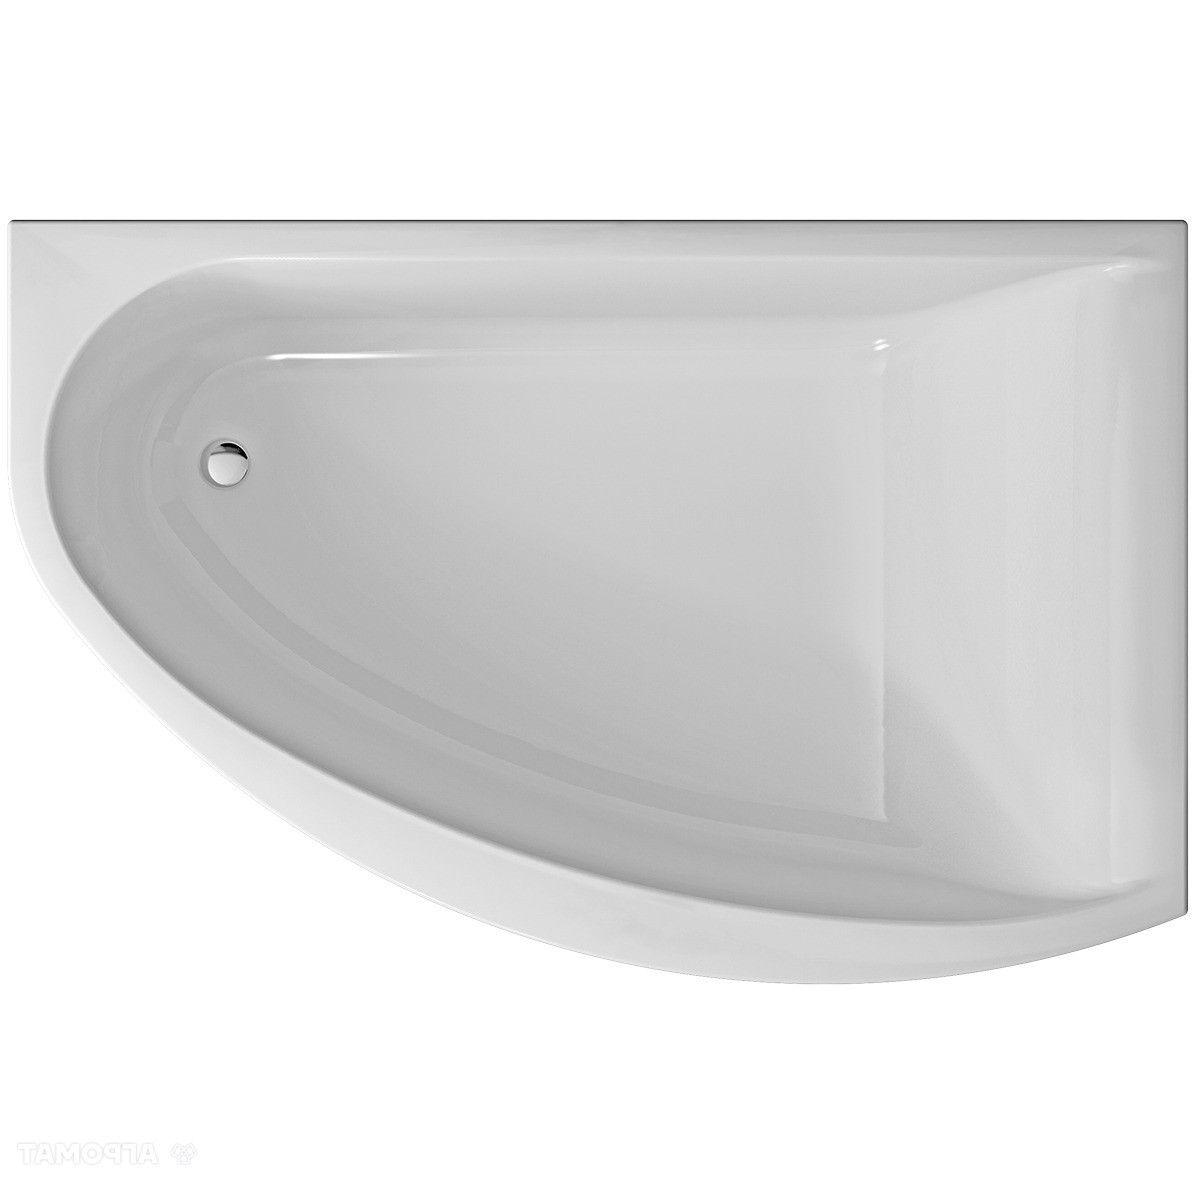 Ванна KOLO MIRRA 170x110 см асимметричная правая, с ножками SN8 и элементами крепления